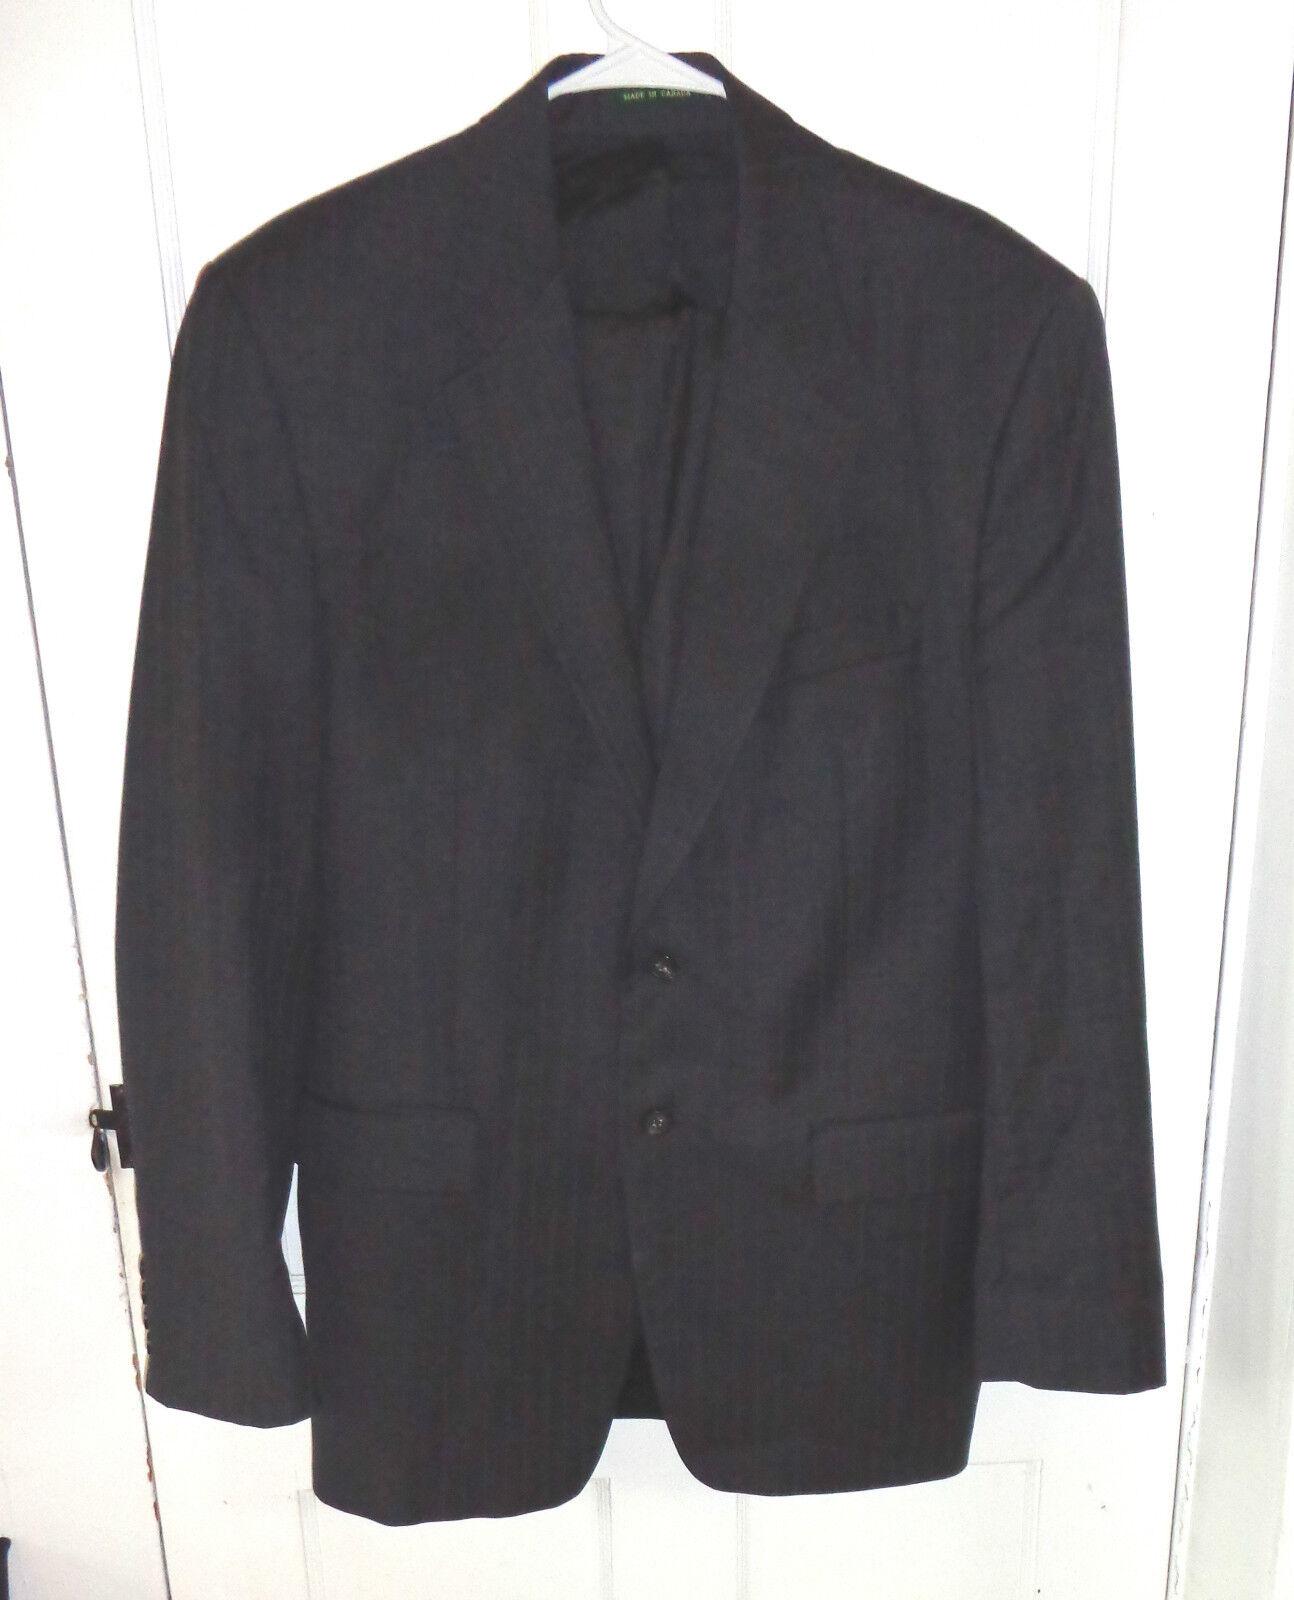 Herren fine pure wool charcoal grau pin stripe suit by Ralph Lauren Größe 44